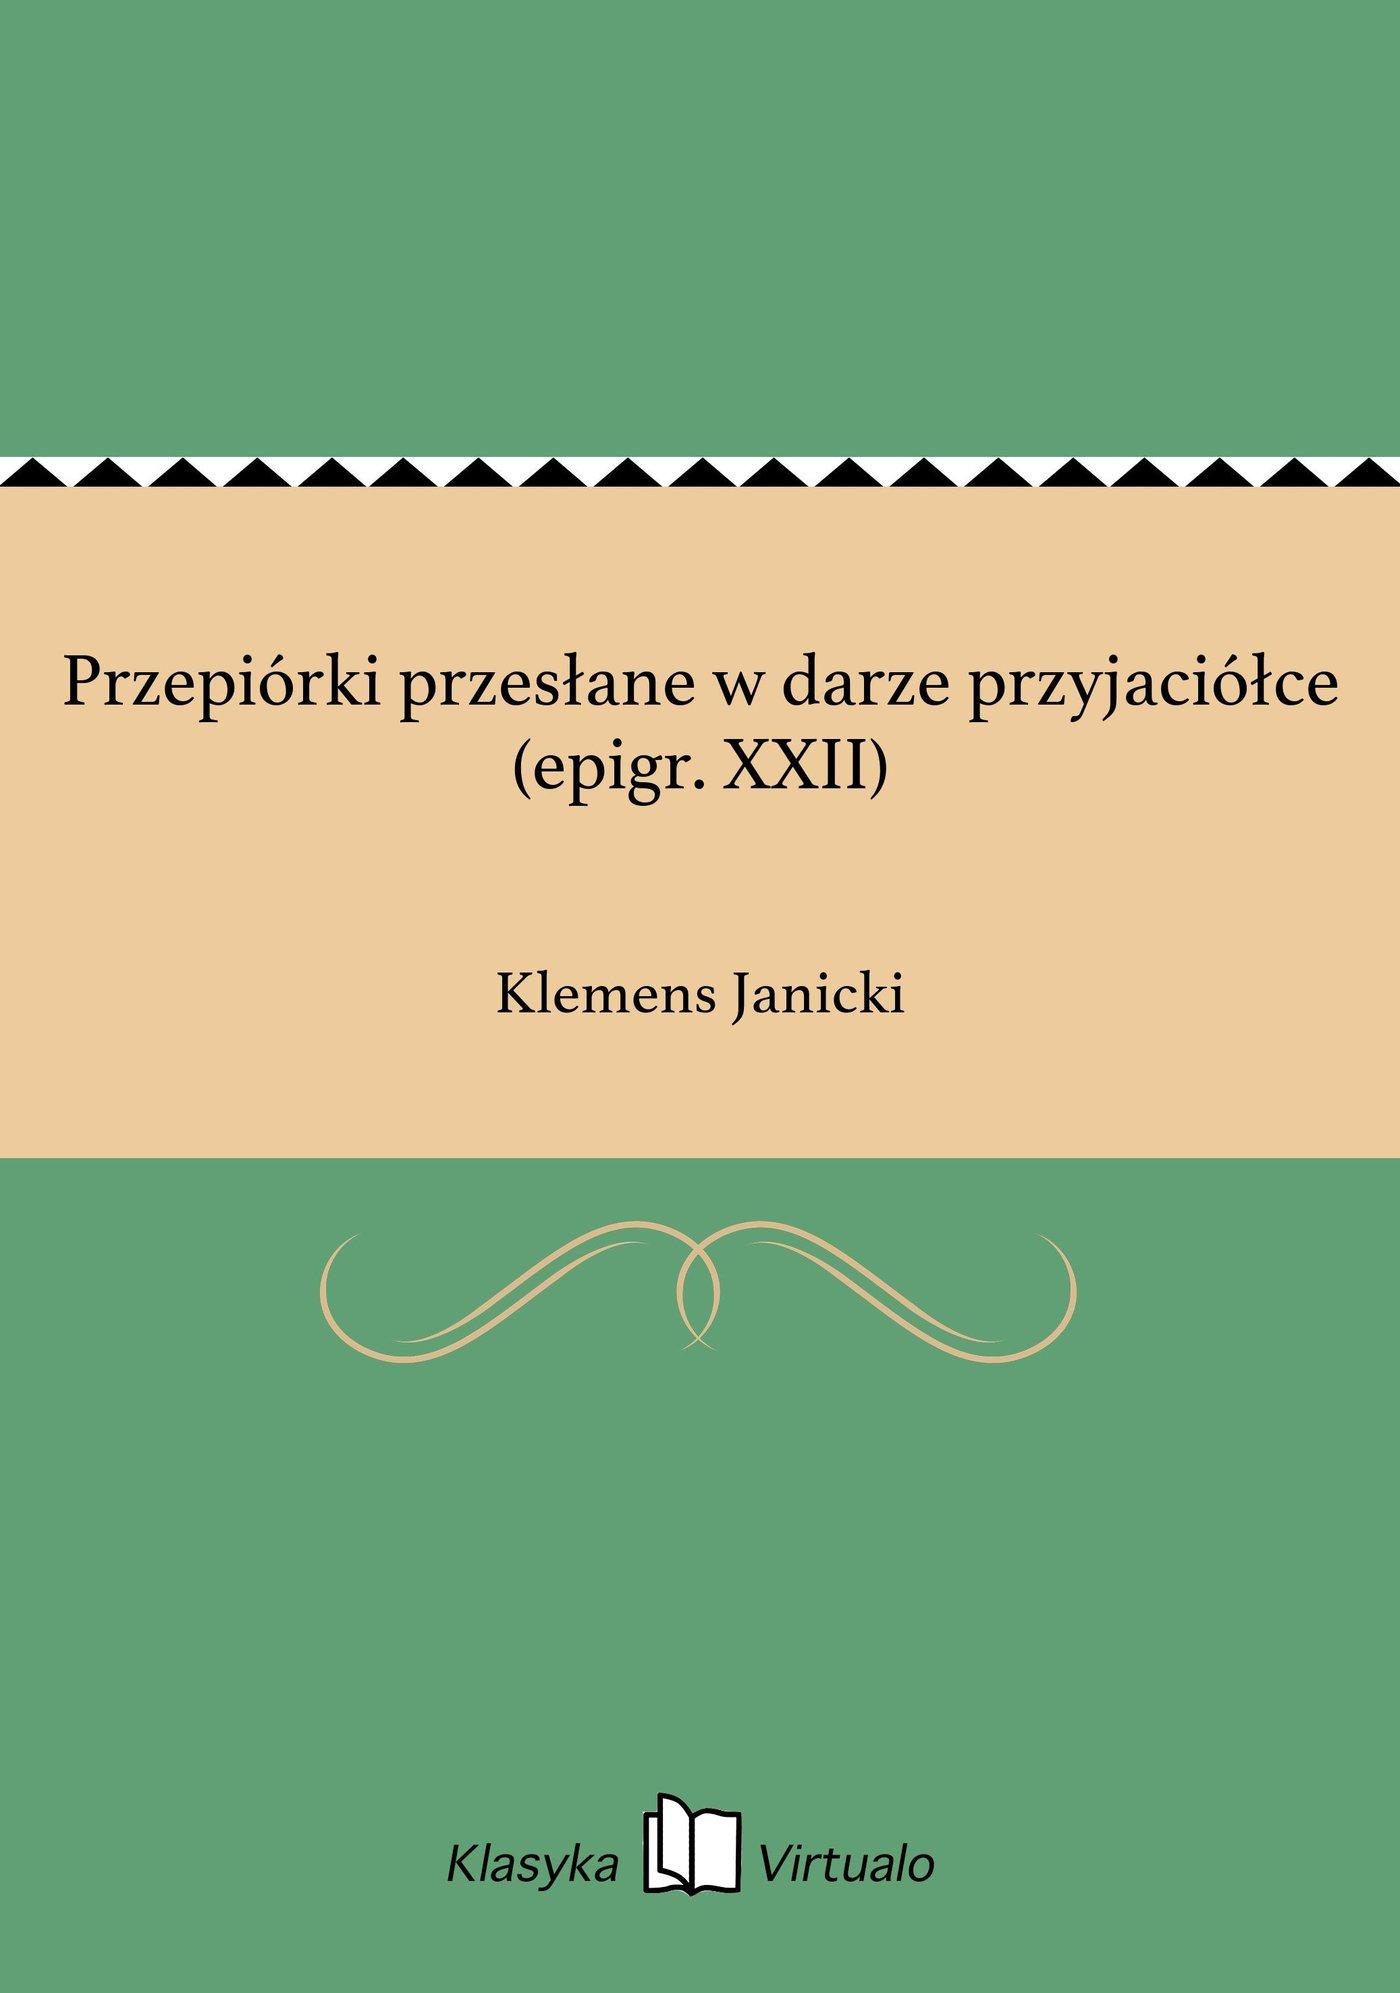 Przepiórki przesłane w darze przyjaciółce (epigr. XXII) - Ebook (Książka na Kindle) do pobrania w formacie MOBI